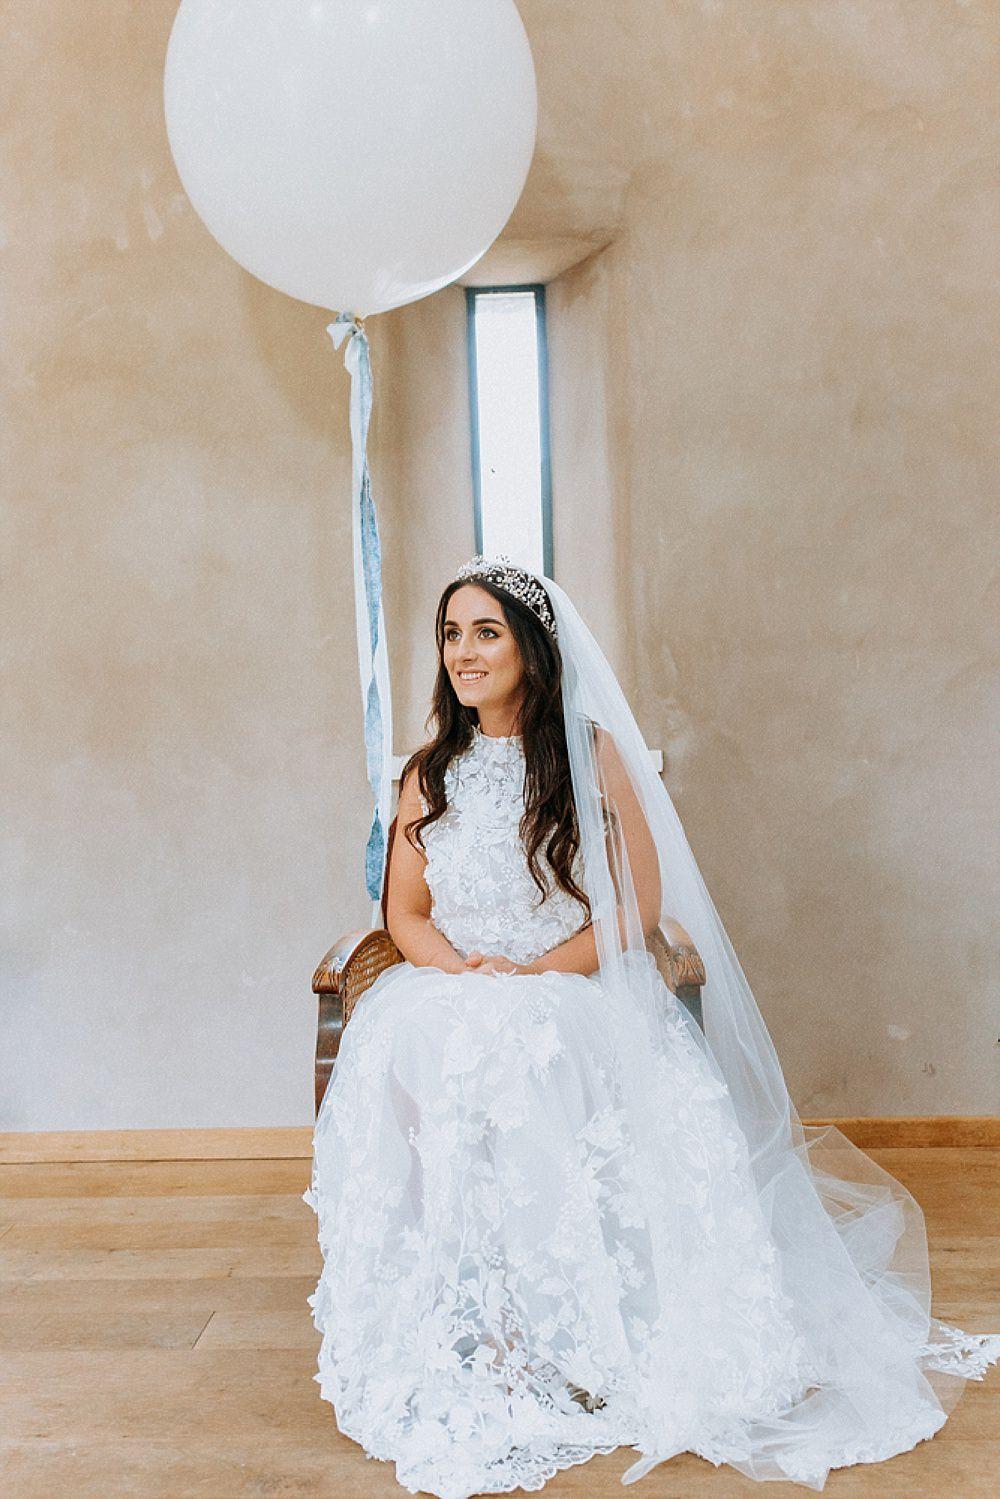 Dress Gown Bride Bridal Pronovias Flower Floral Applique Train Veil Blue Gold Wedding Ideas Ailsa Reeve Photography